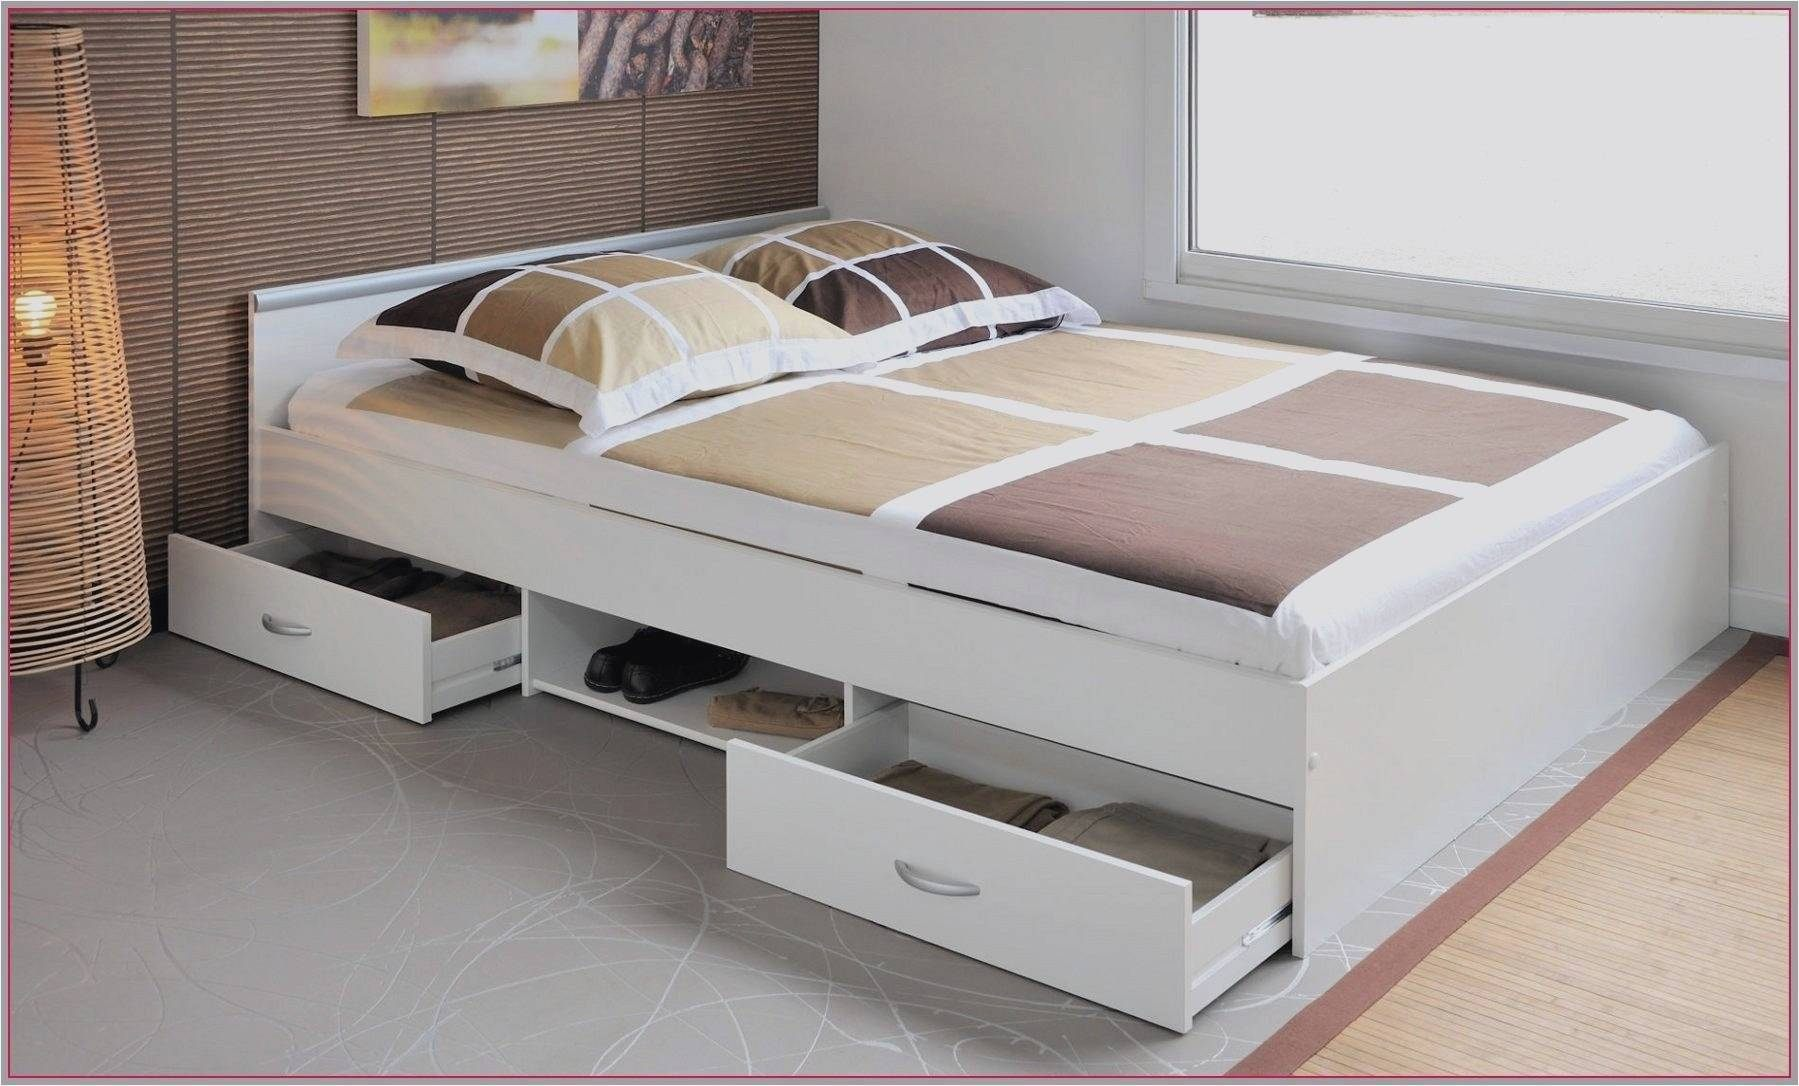 Lit Superpose Gigogne Élégant Lits Gigognes Conforama Luxe Lit Mezzanine 1 Place Conforama Voir